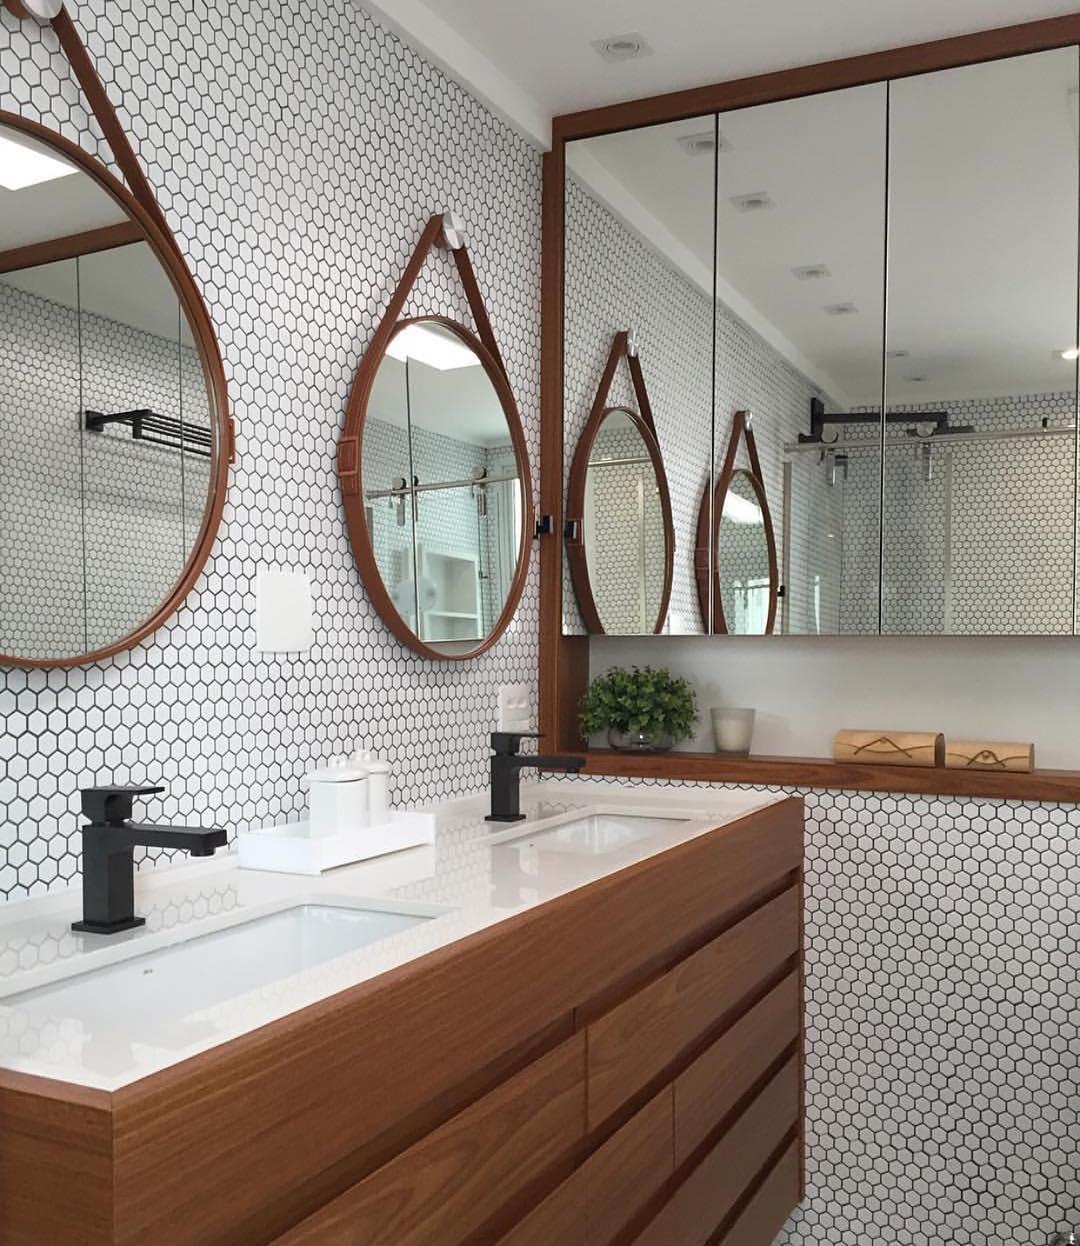 Banheiro no estilo escandinavo com espelhos